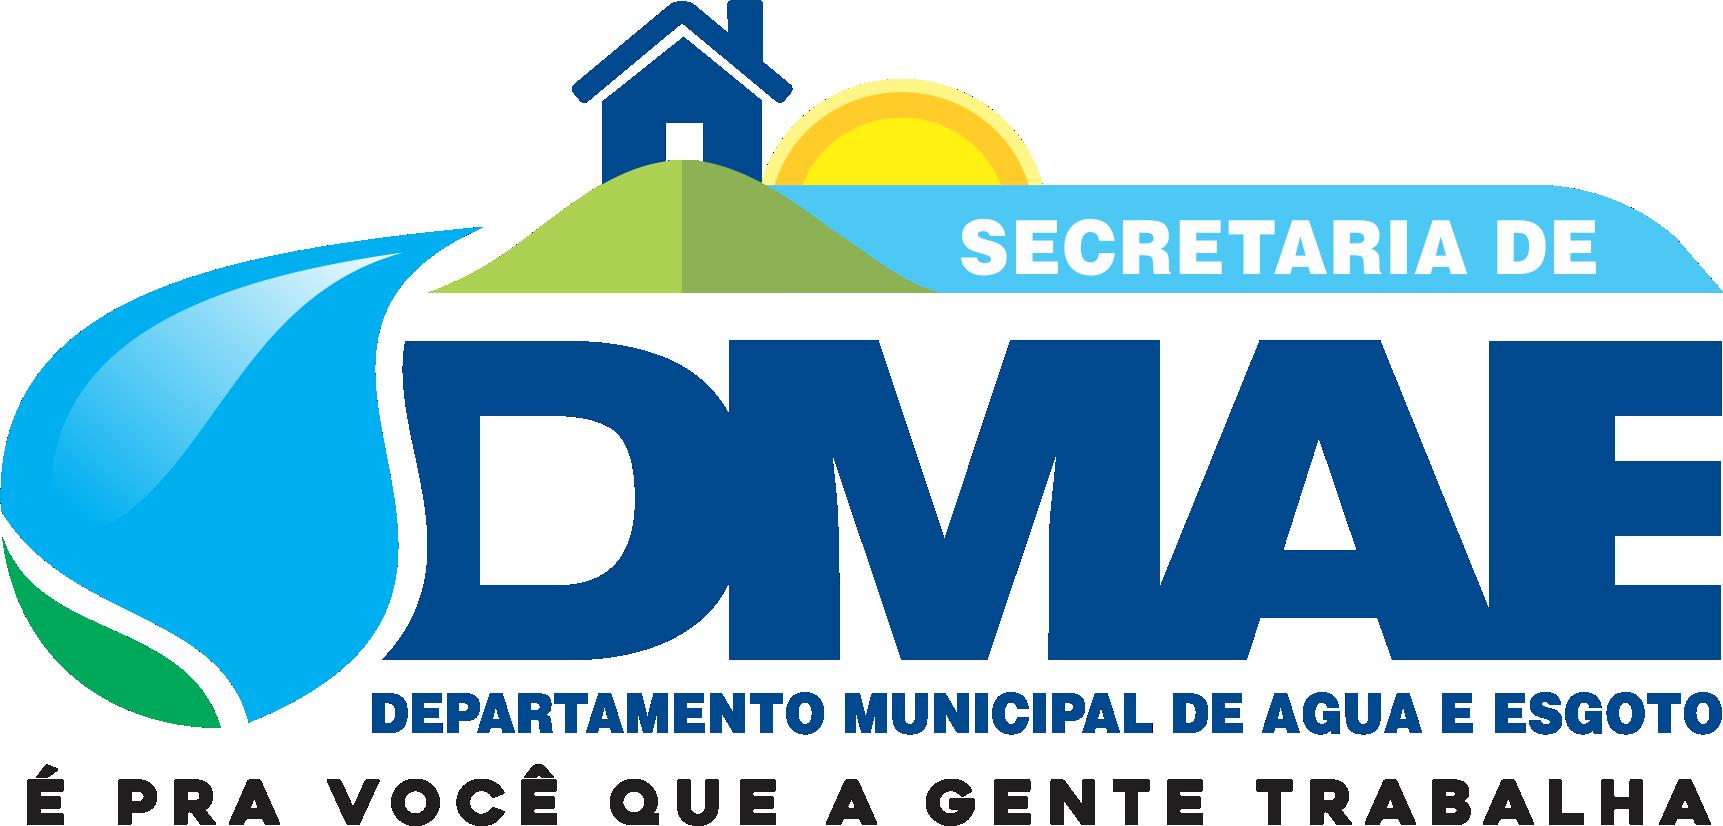 Logo secretaria Departamento Municipal de Água e Esgoto (DMAE)